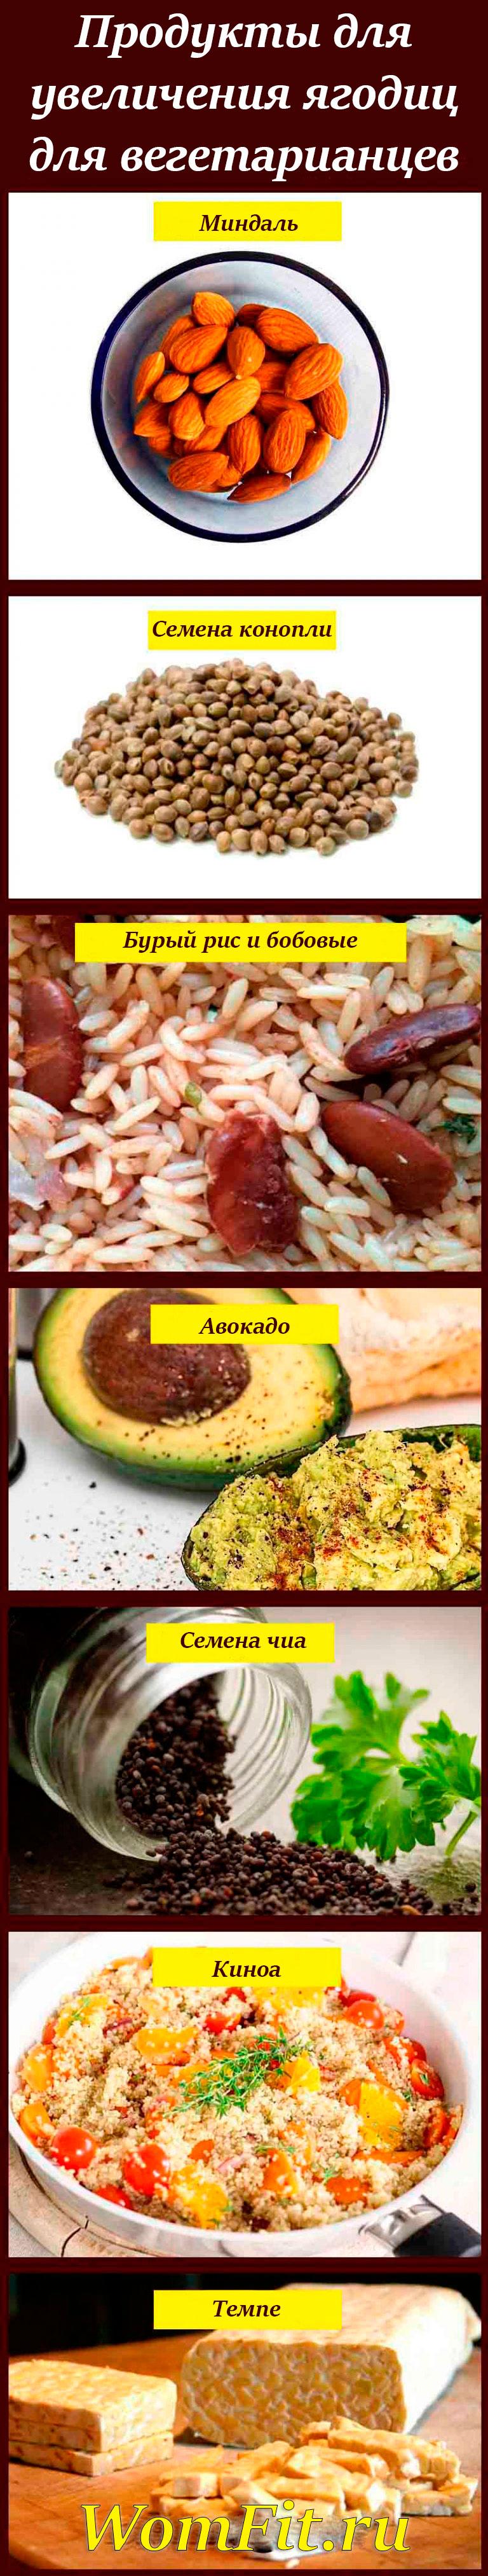 Продукты для увеличения попы для вегетарианцев